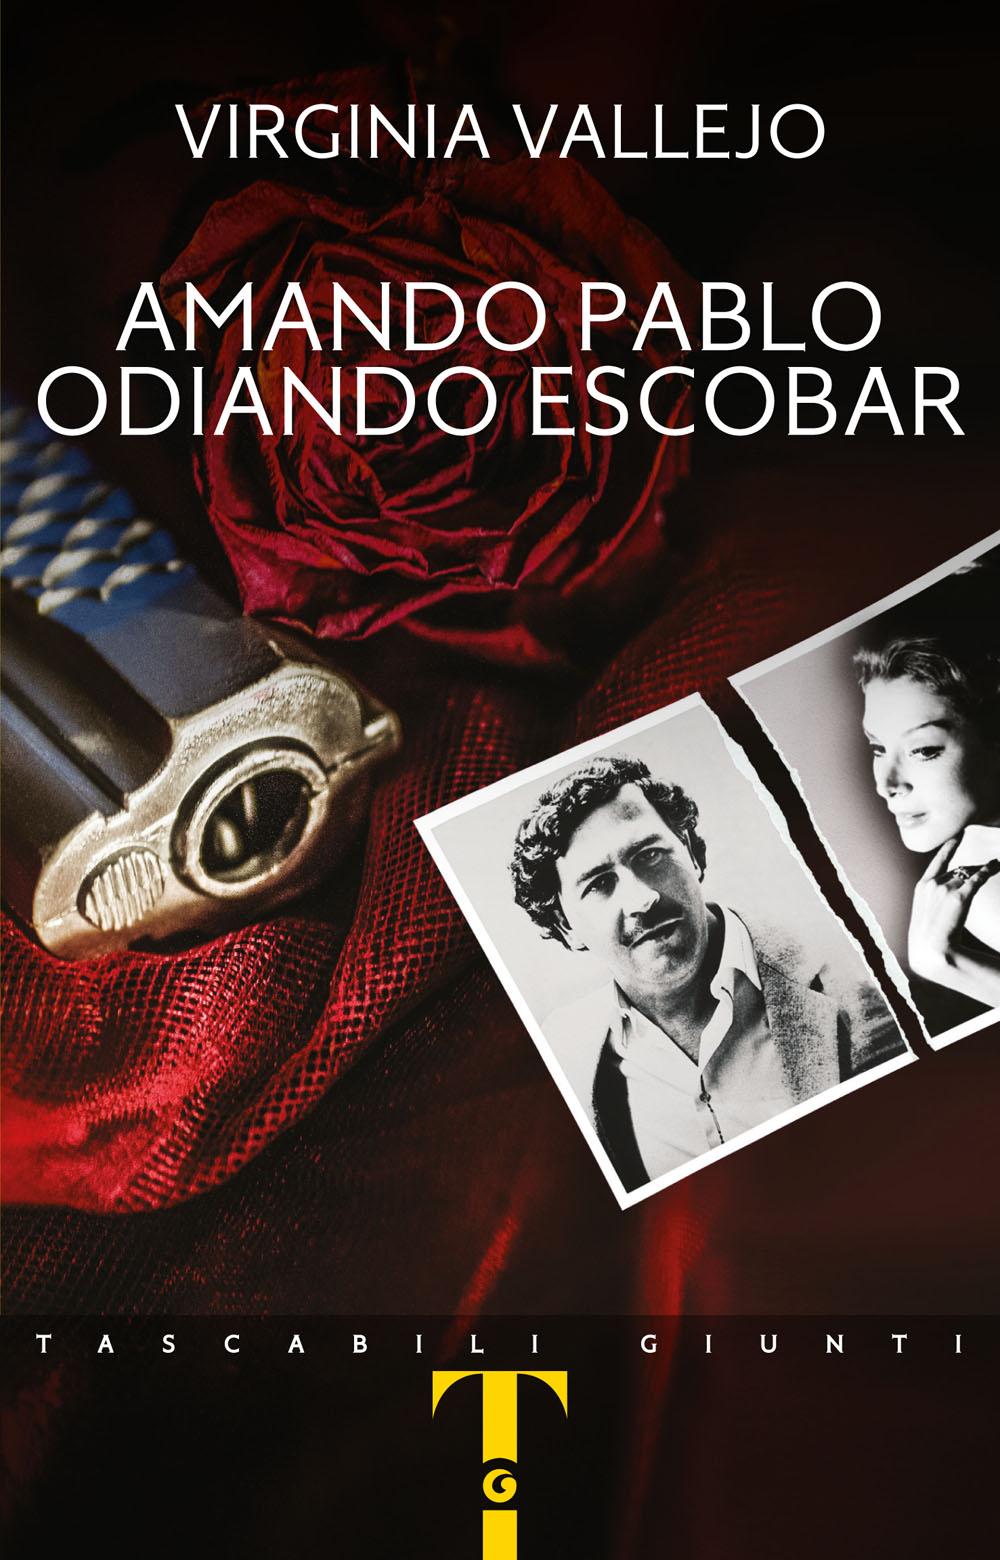 Amando Pablo, odiando Escobar